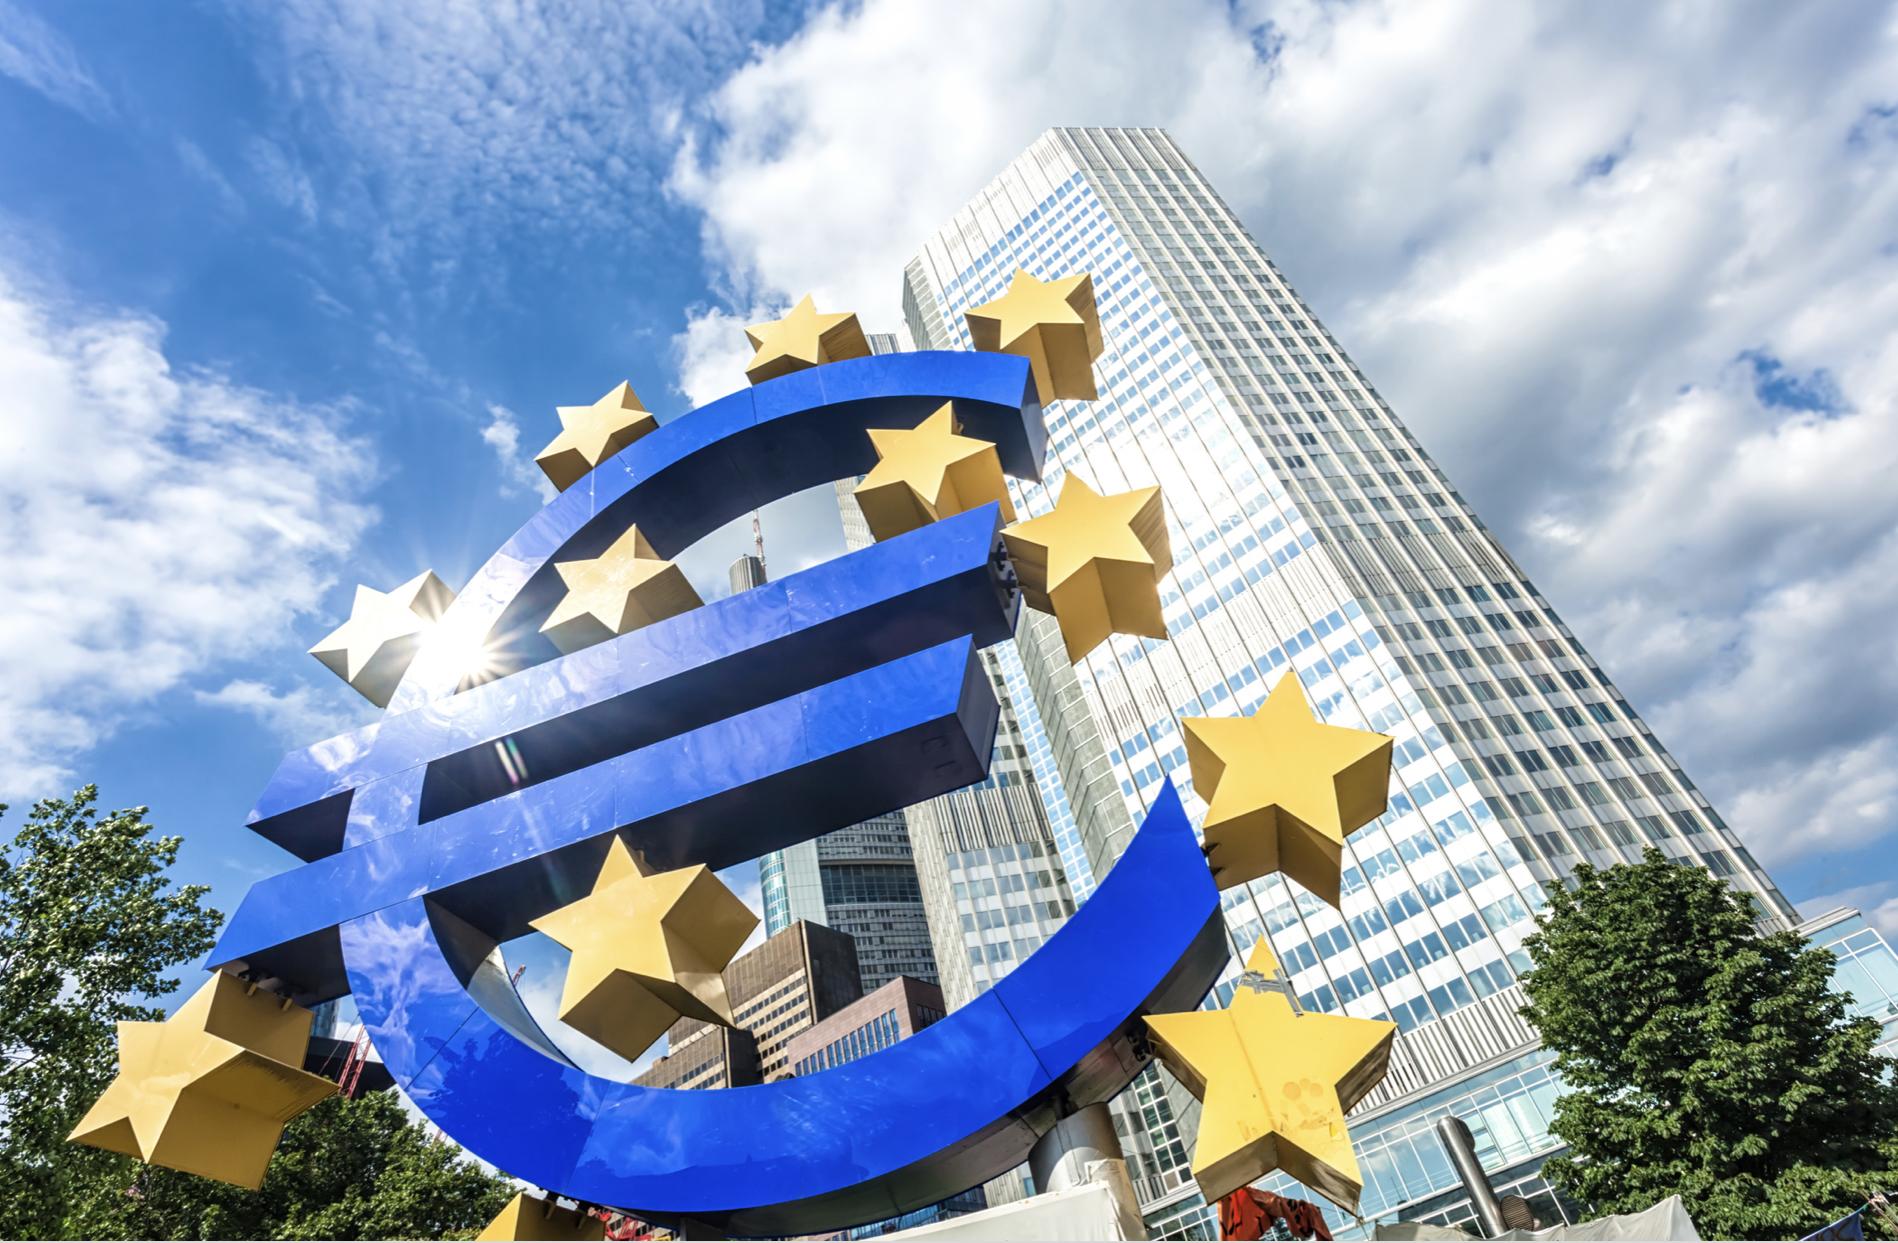 因為歐洲央行的作用是決定性的(不僅對於意大利)